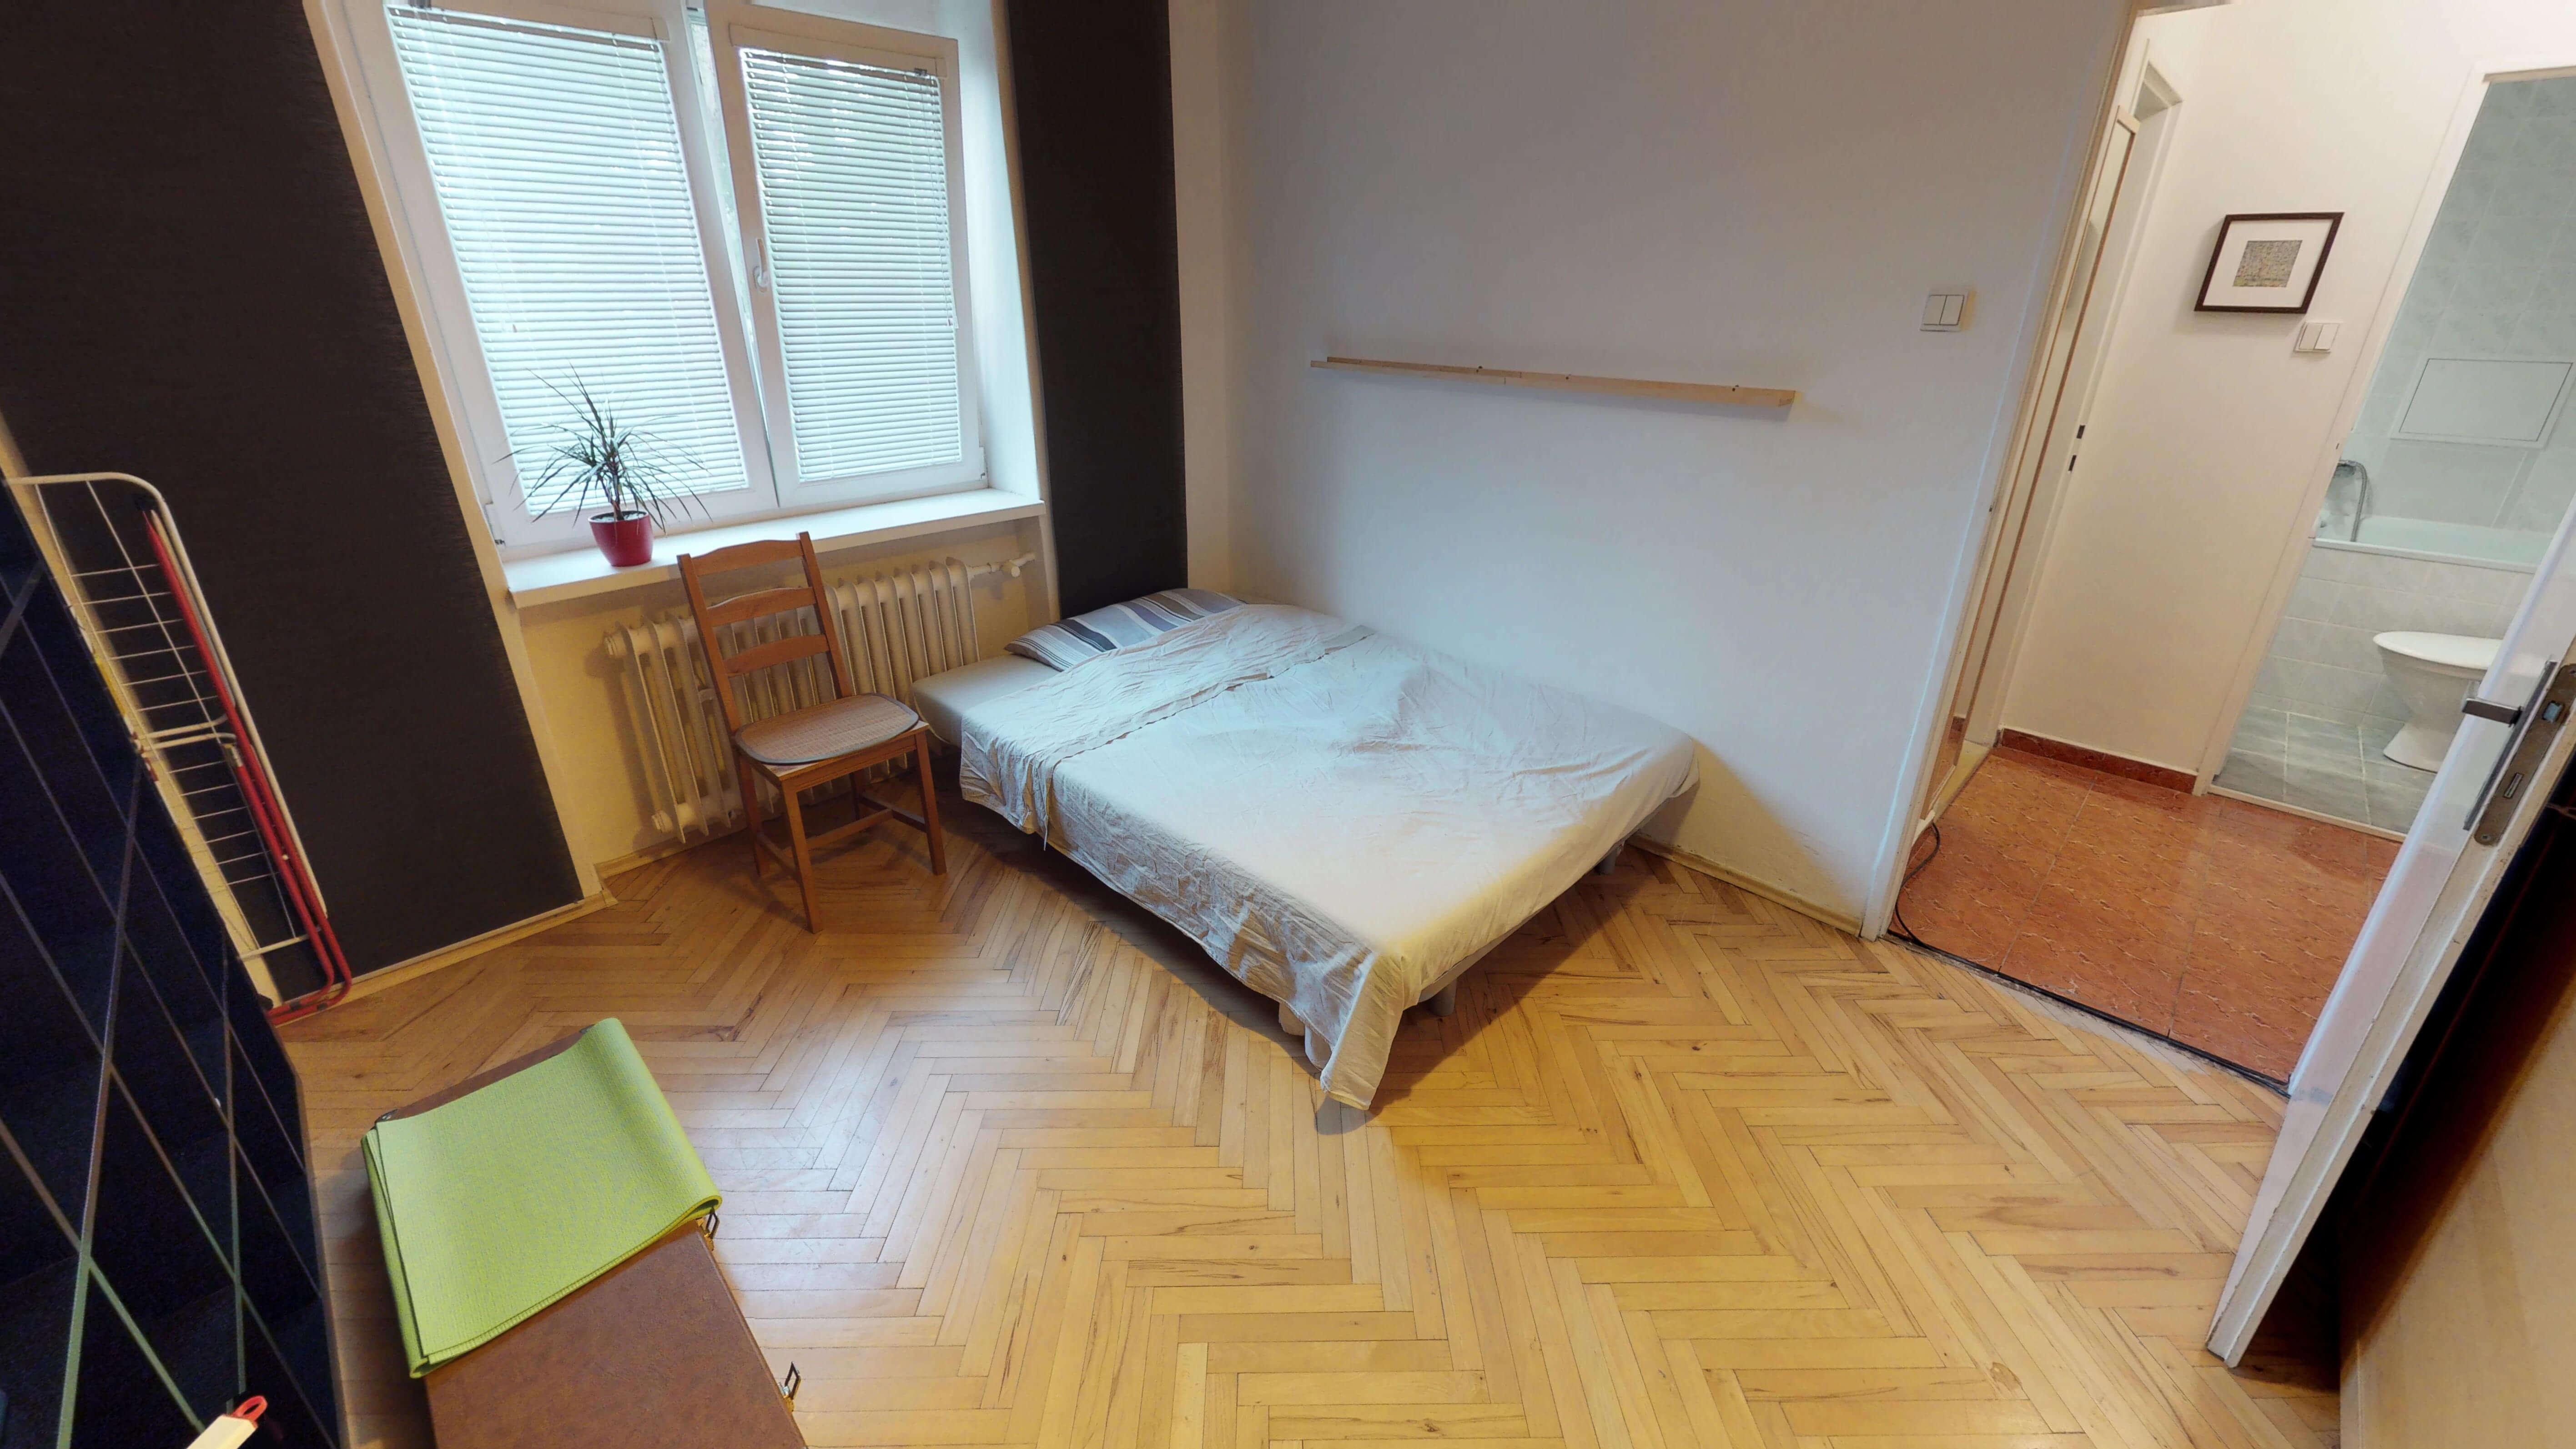 Predané: Zrekonštruovaný a kompletne zariadený byt na Pluhovej ulici-4